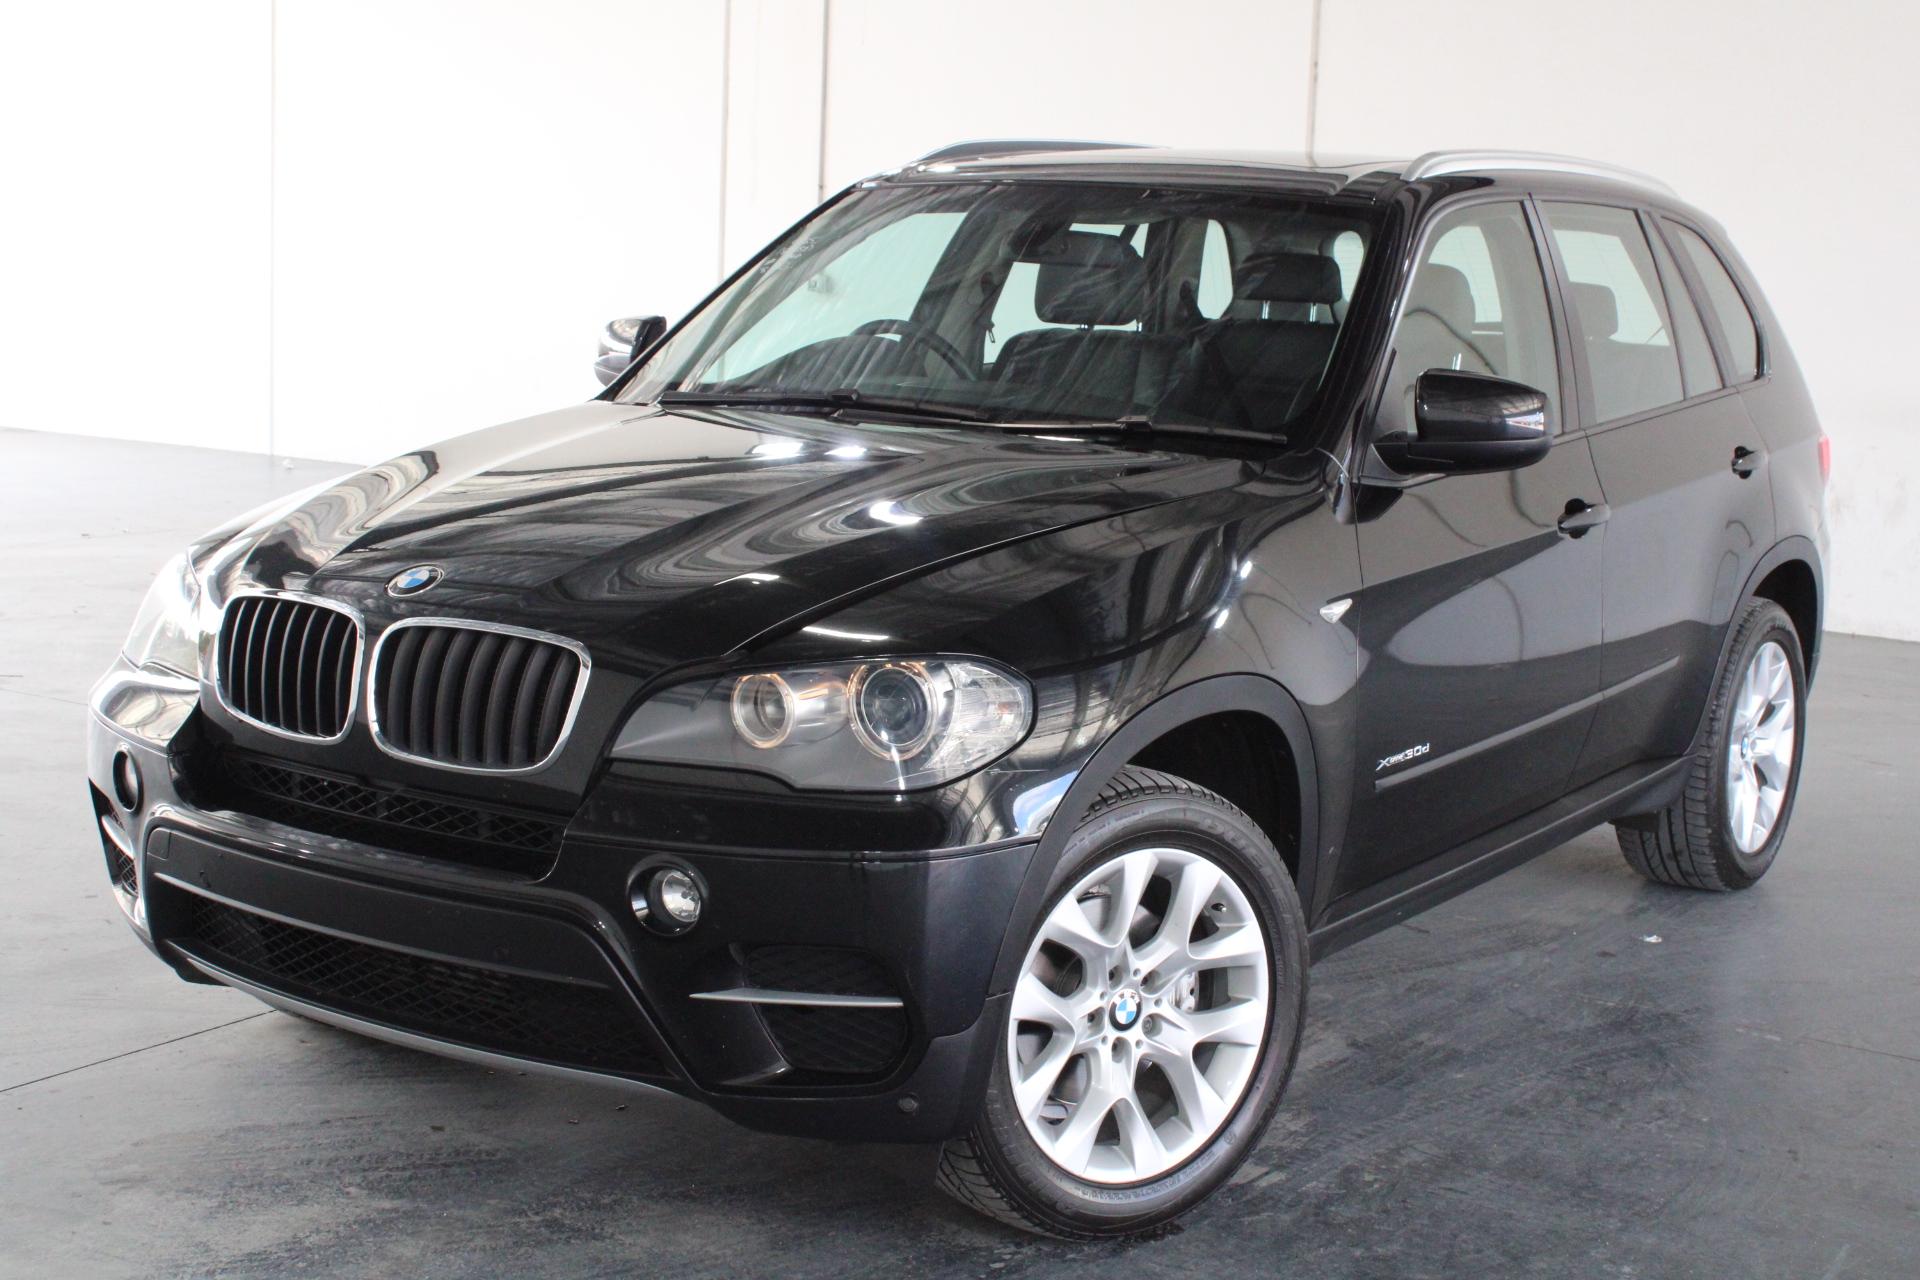 2013 BMW X5 xDrive 30d E70 LCI Turbo Diesel (RWC dated 09.10.2019)